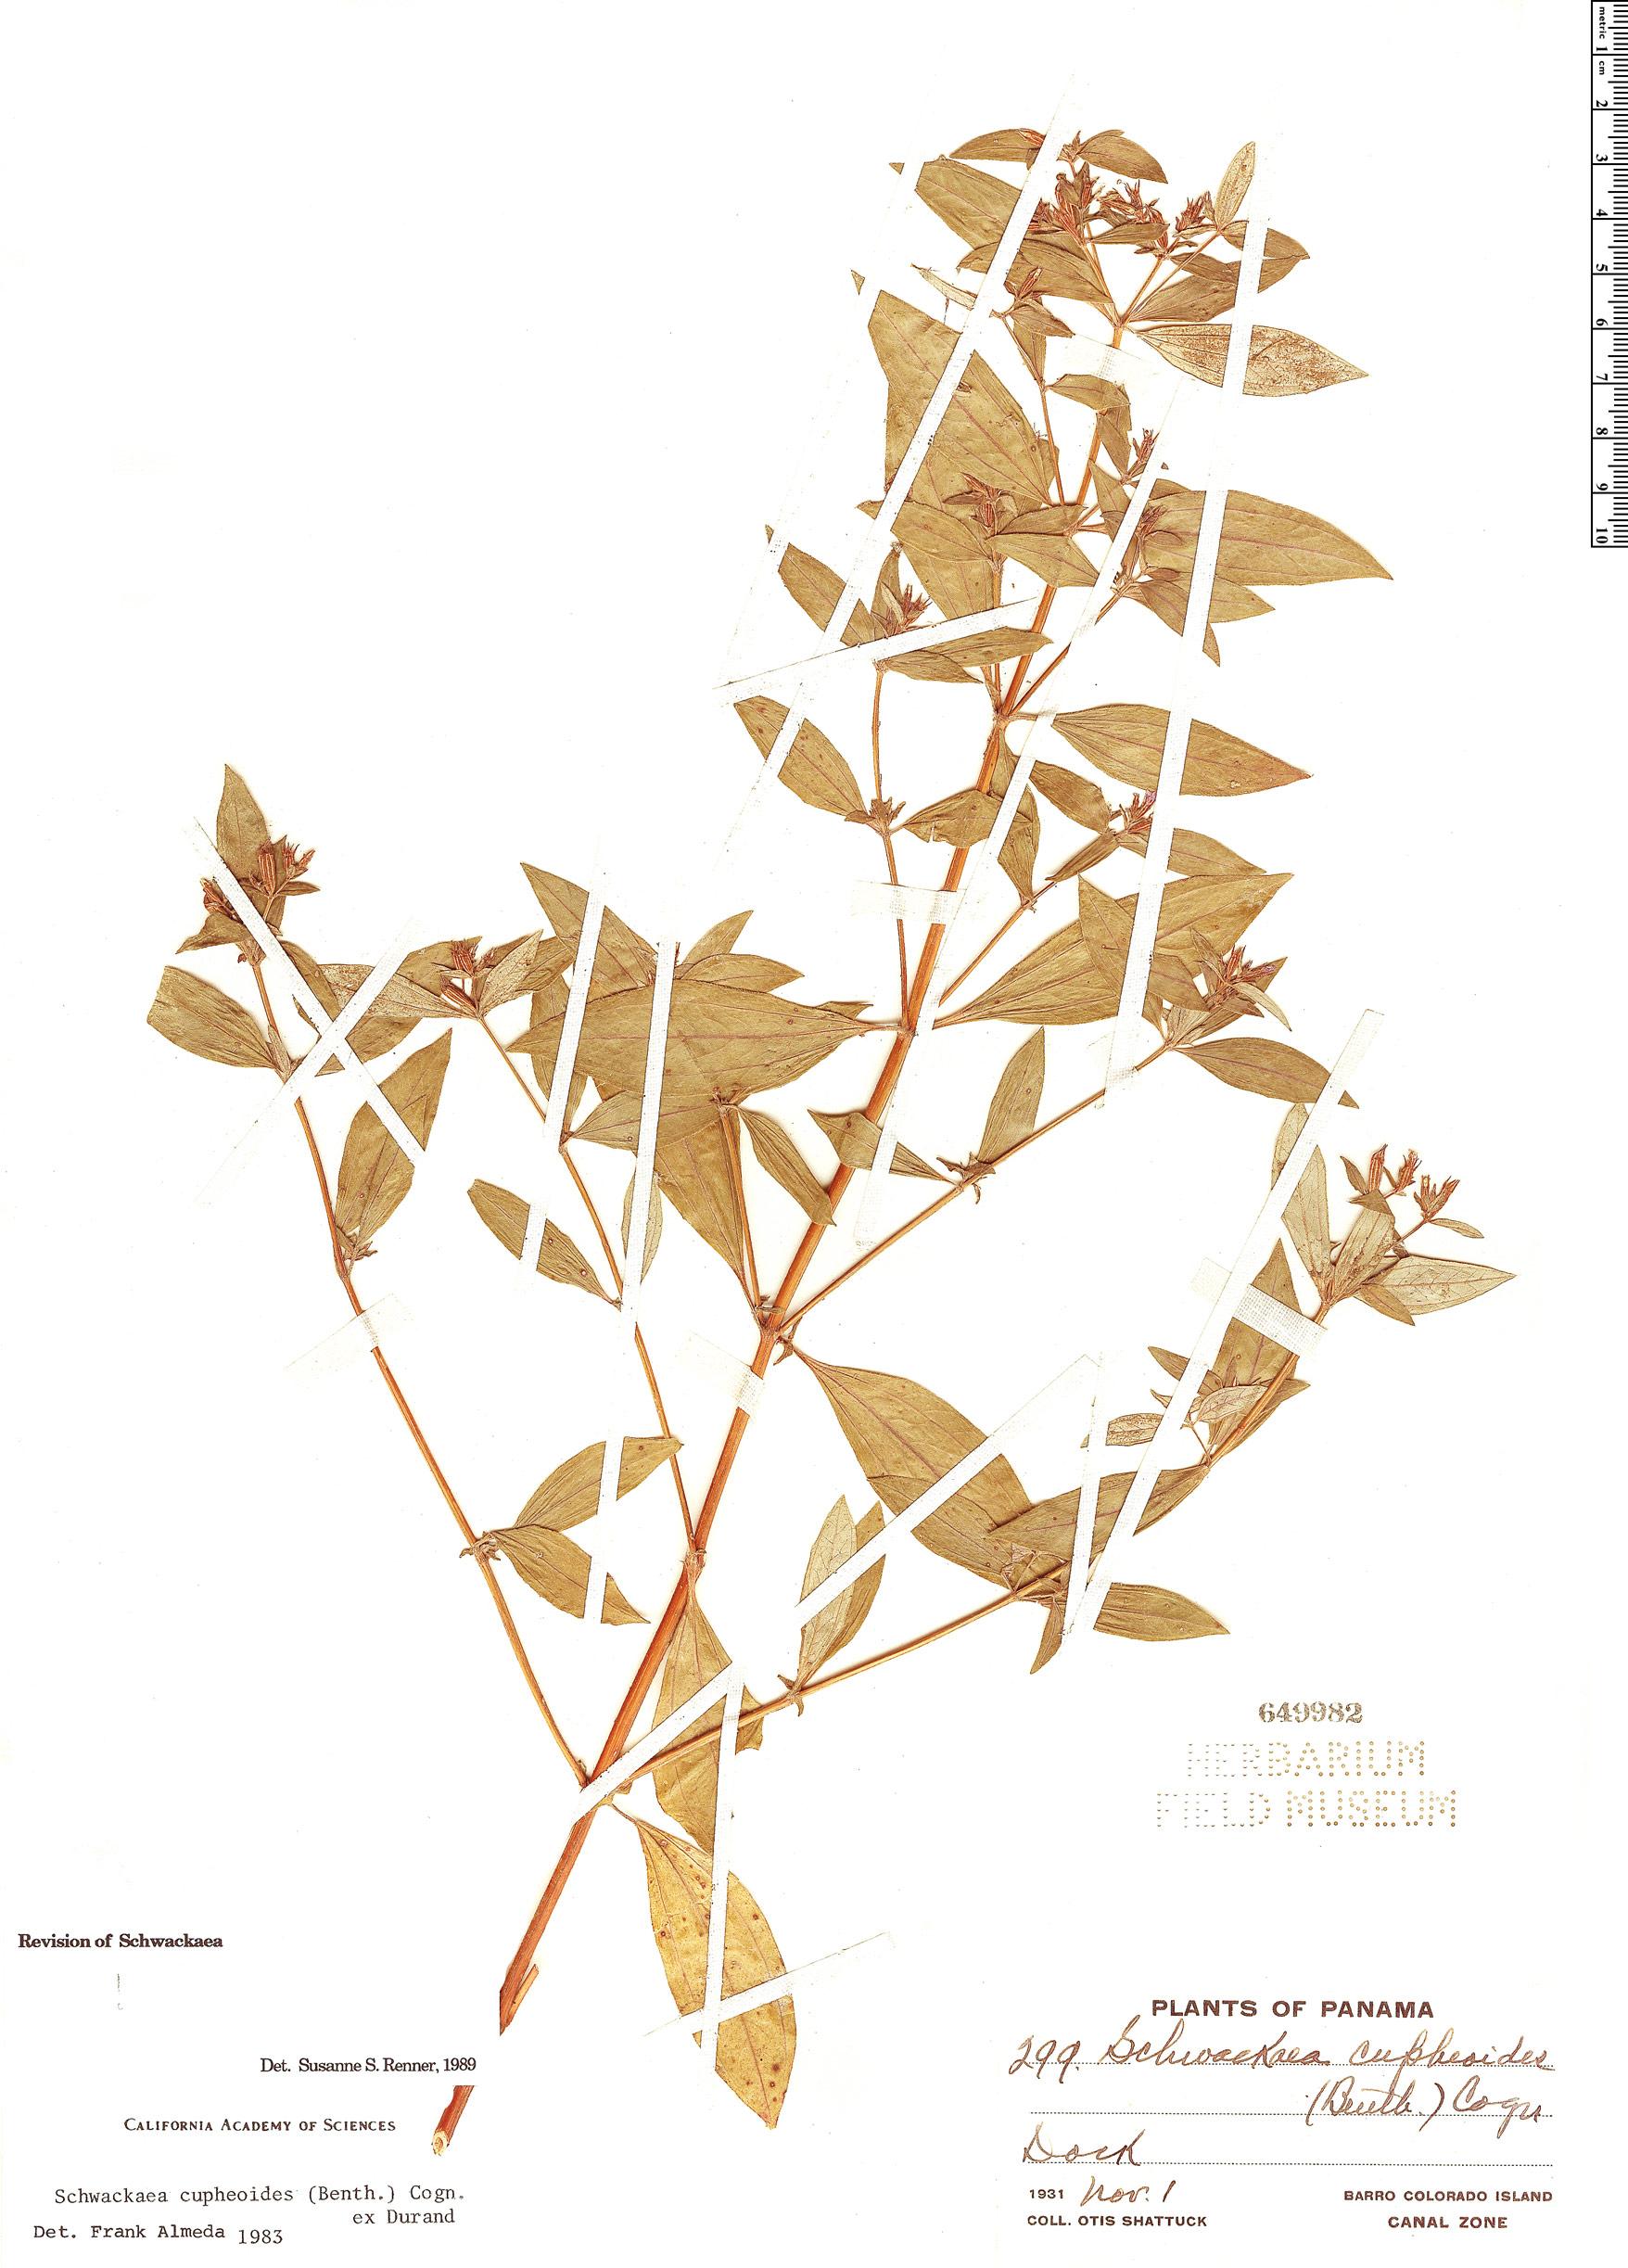 Specimen: Schwackaea cupheoides